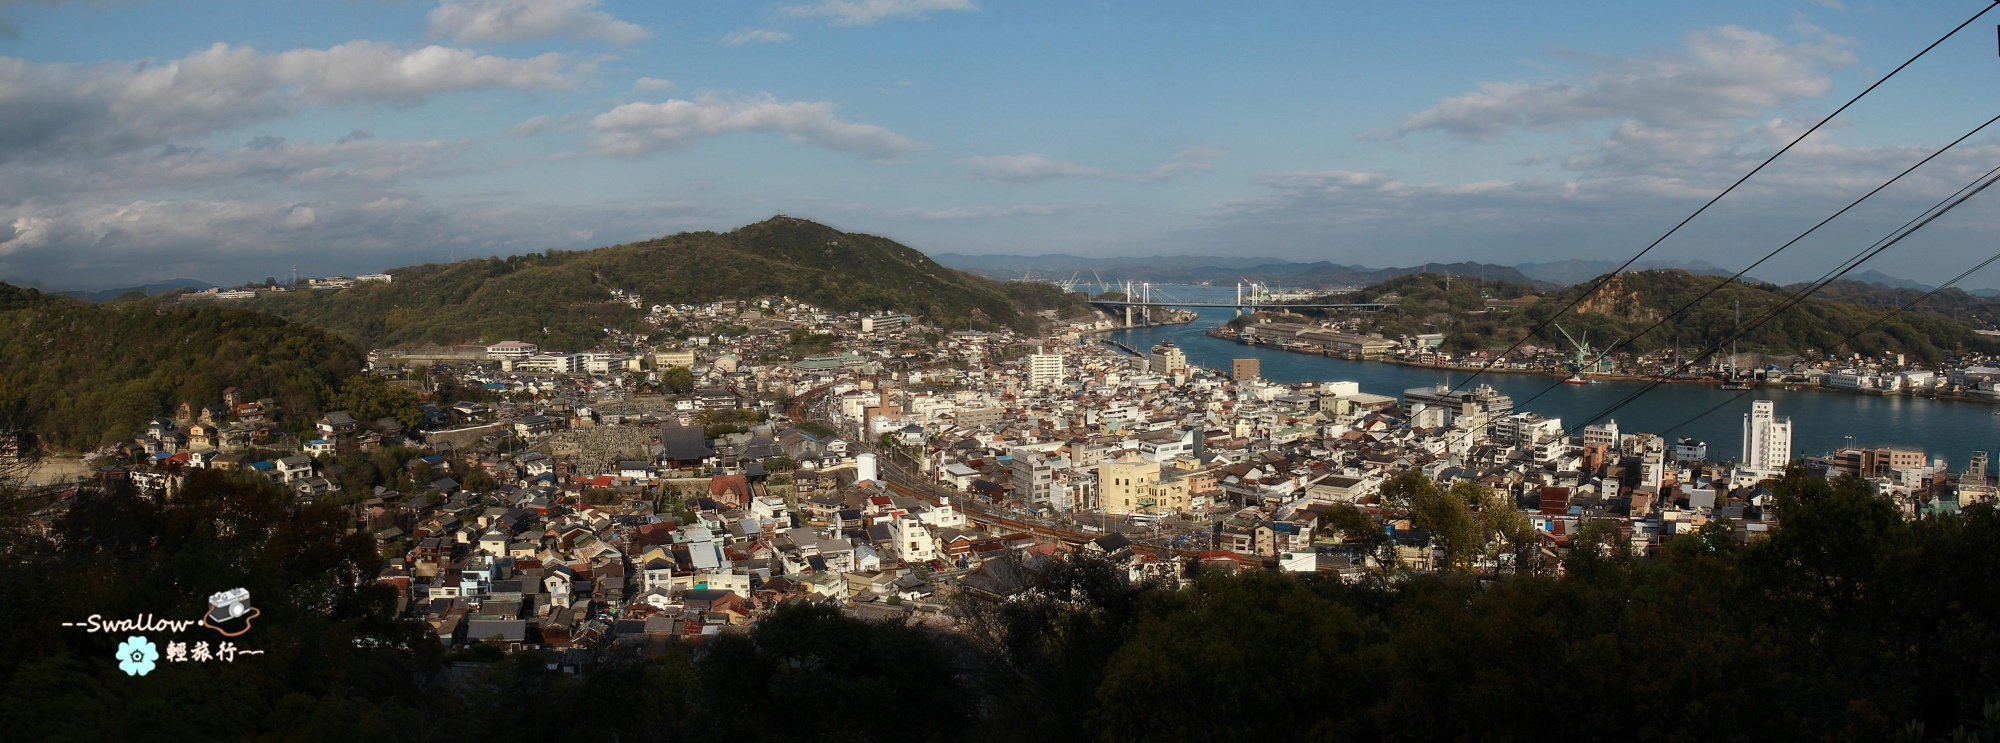 06_尾道.jpg